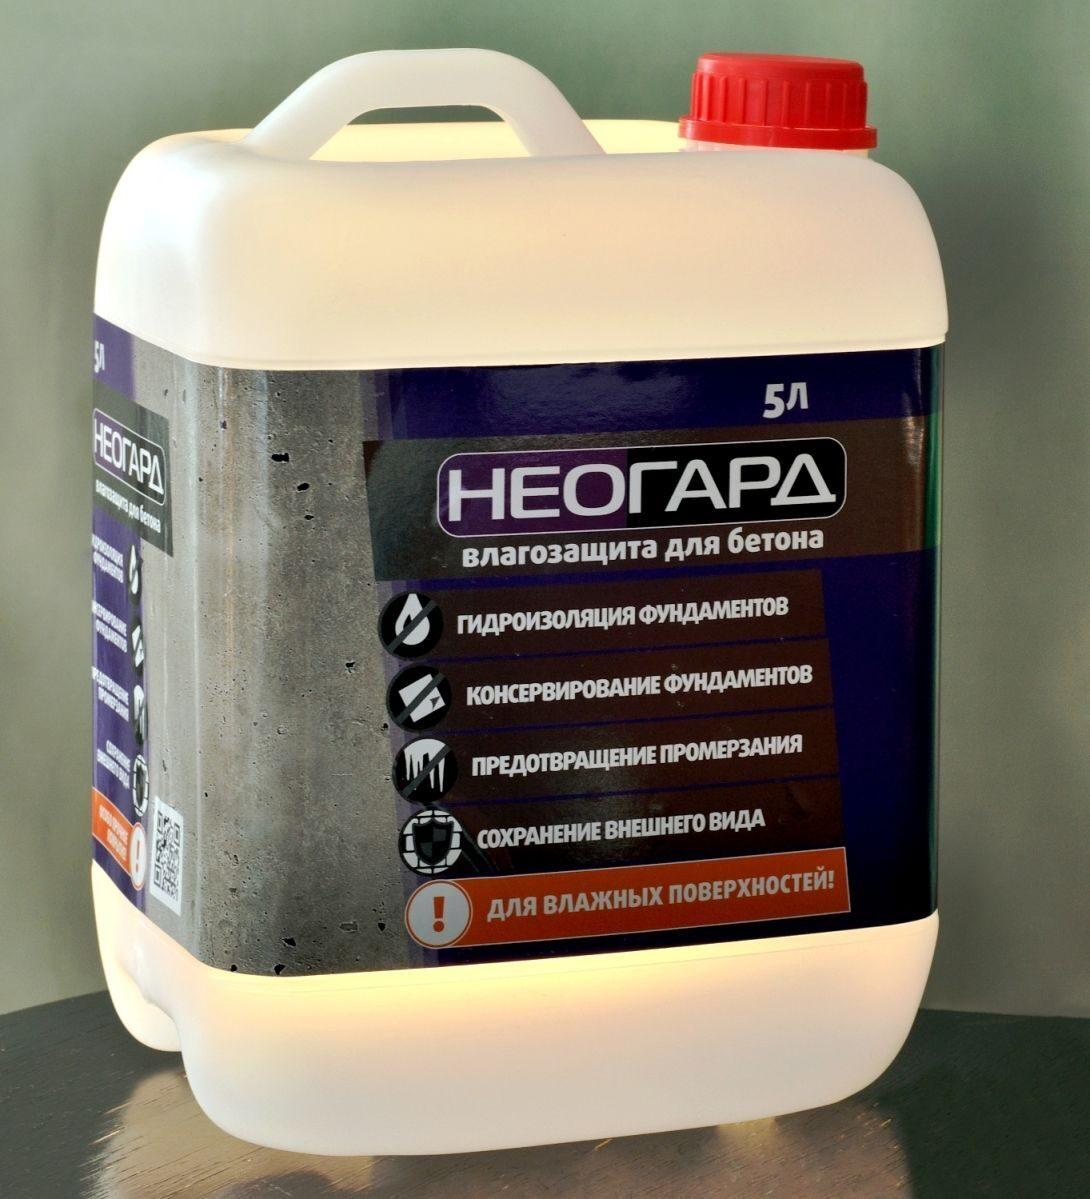 Как приготовить гидрофобизатор своими руками 52